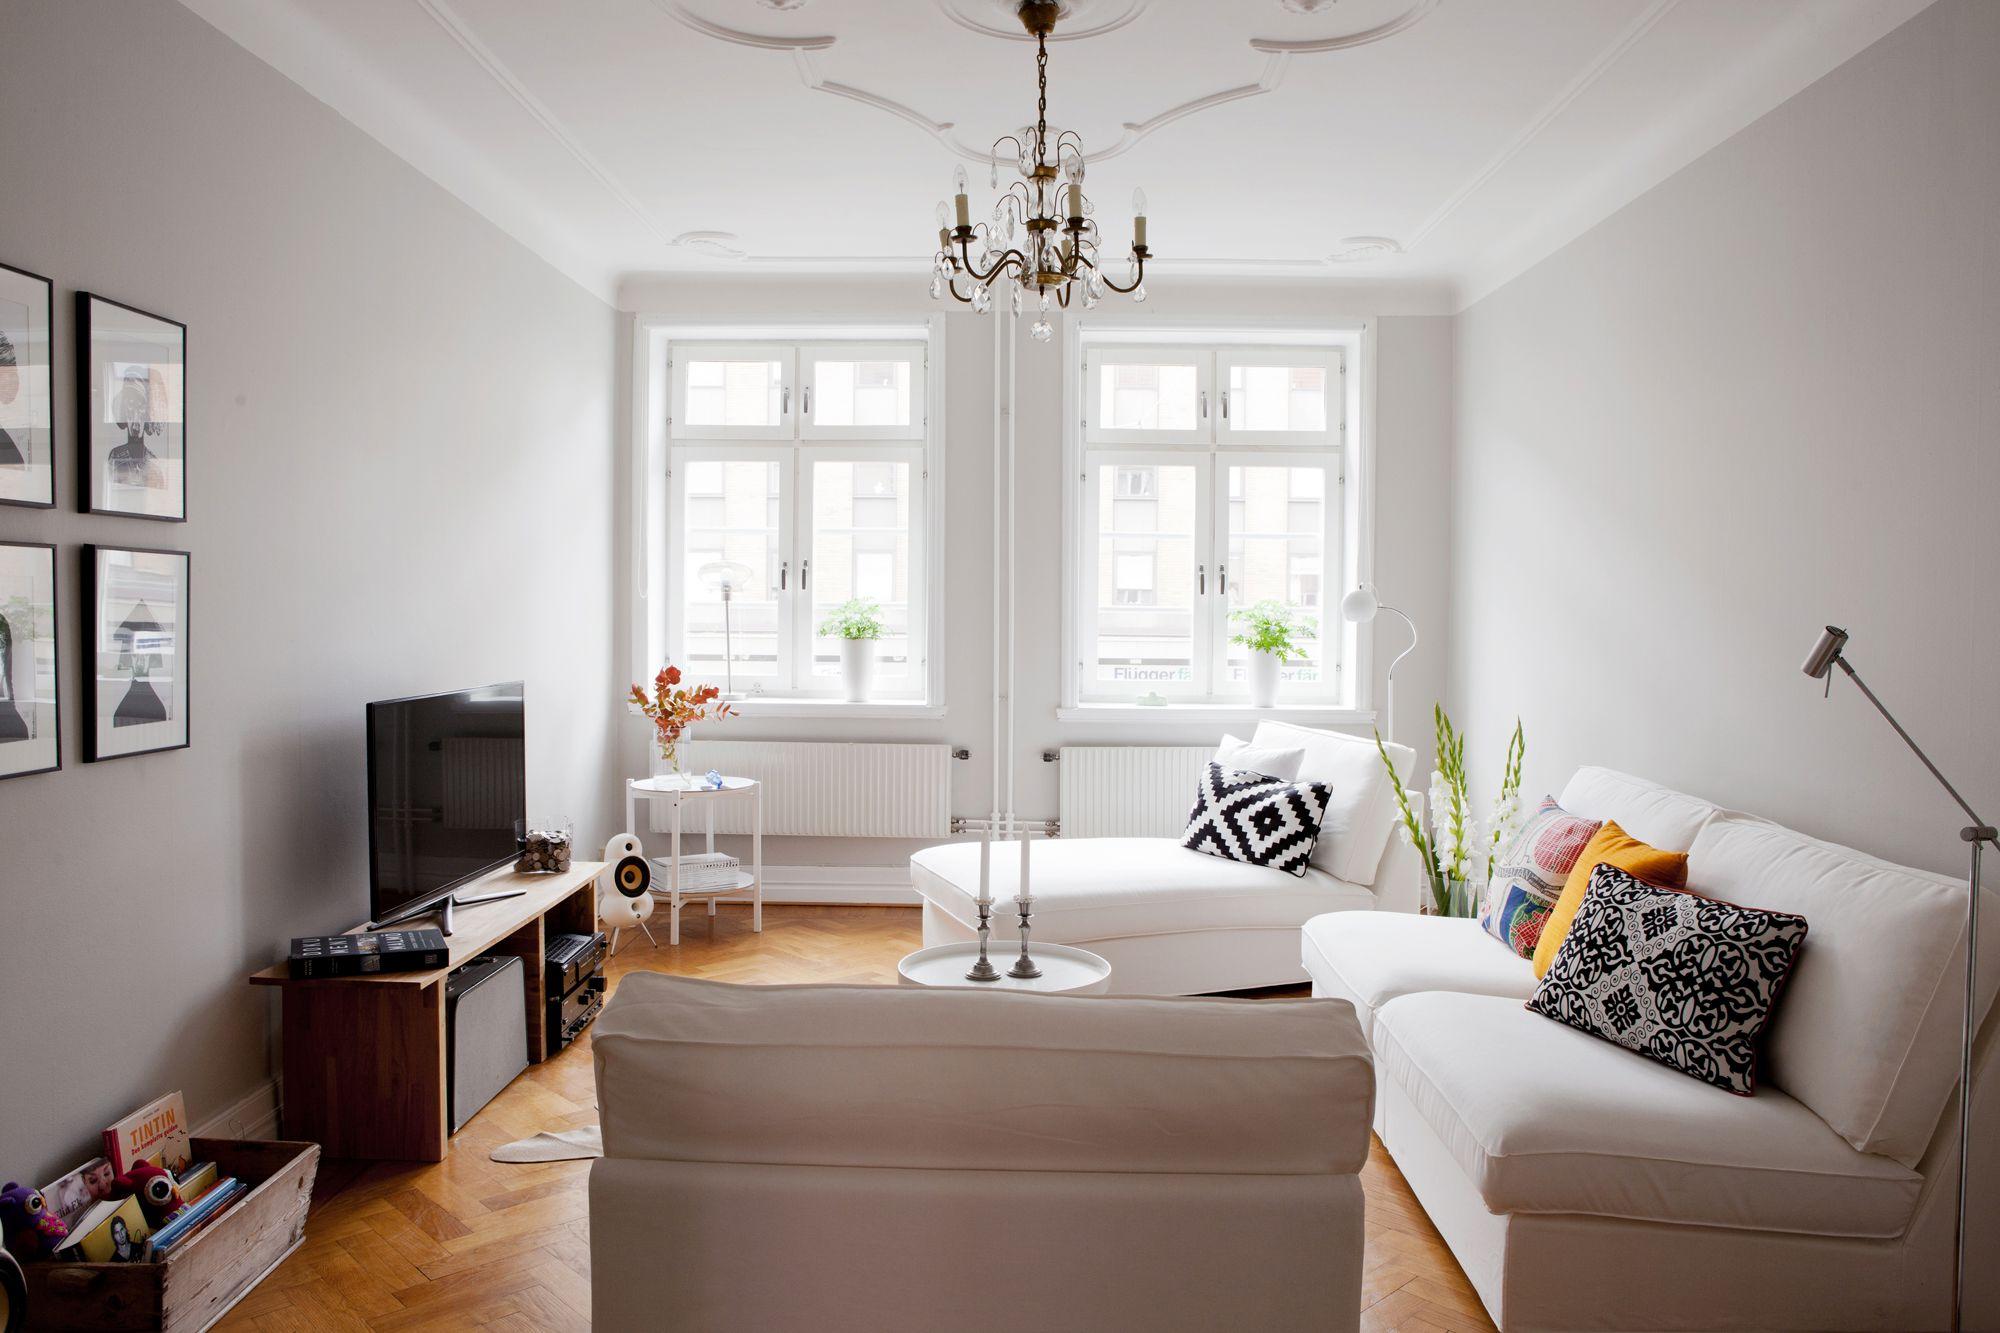 Paredes grises muebles blancos suelo de madera blog - Suelo gris claro ...